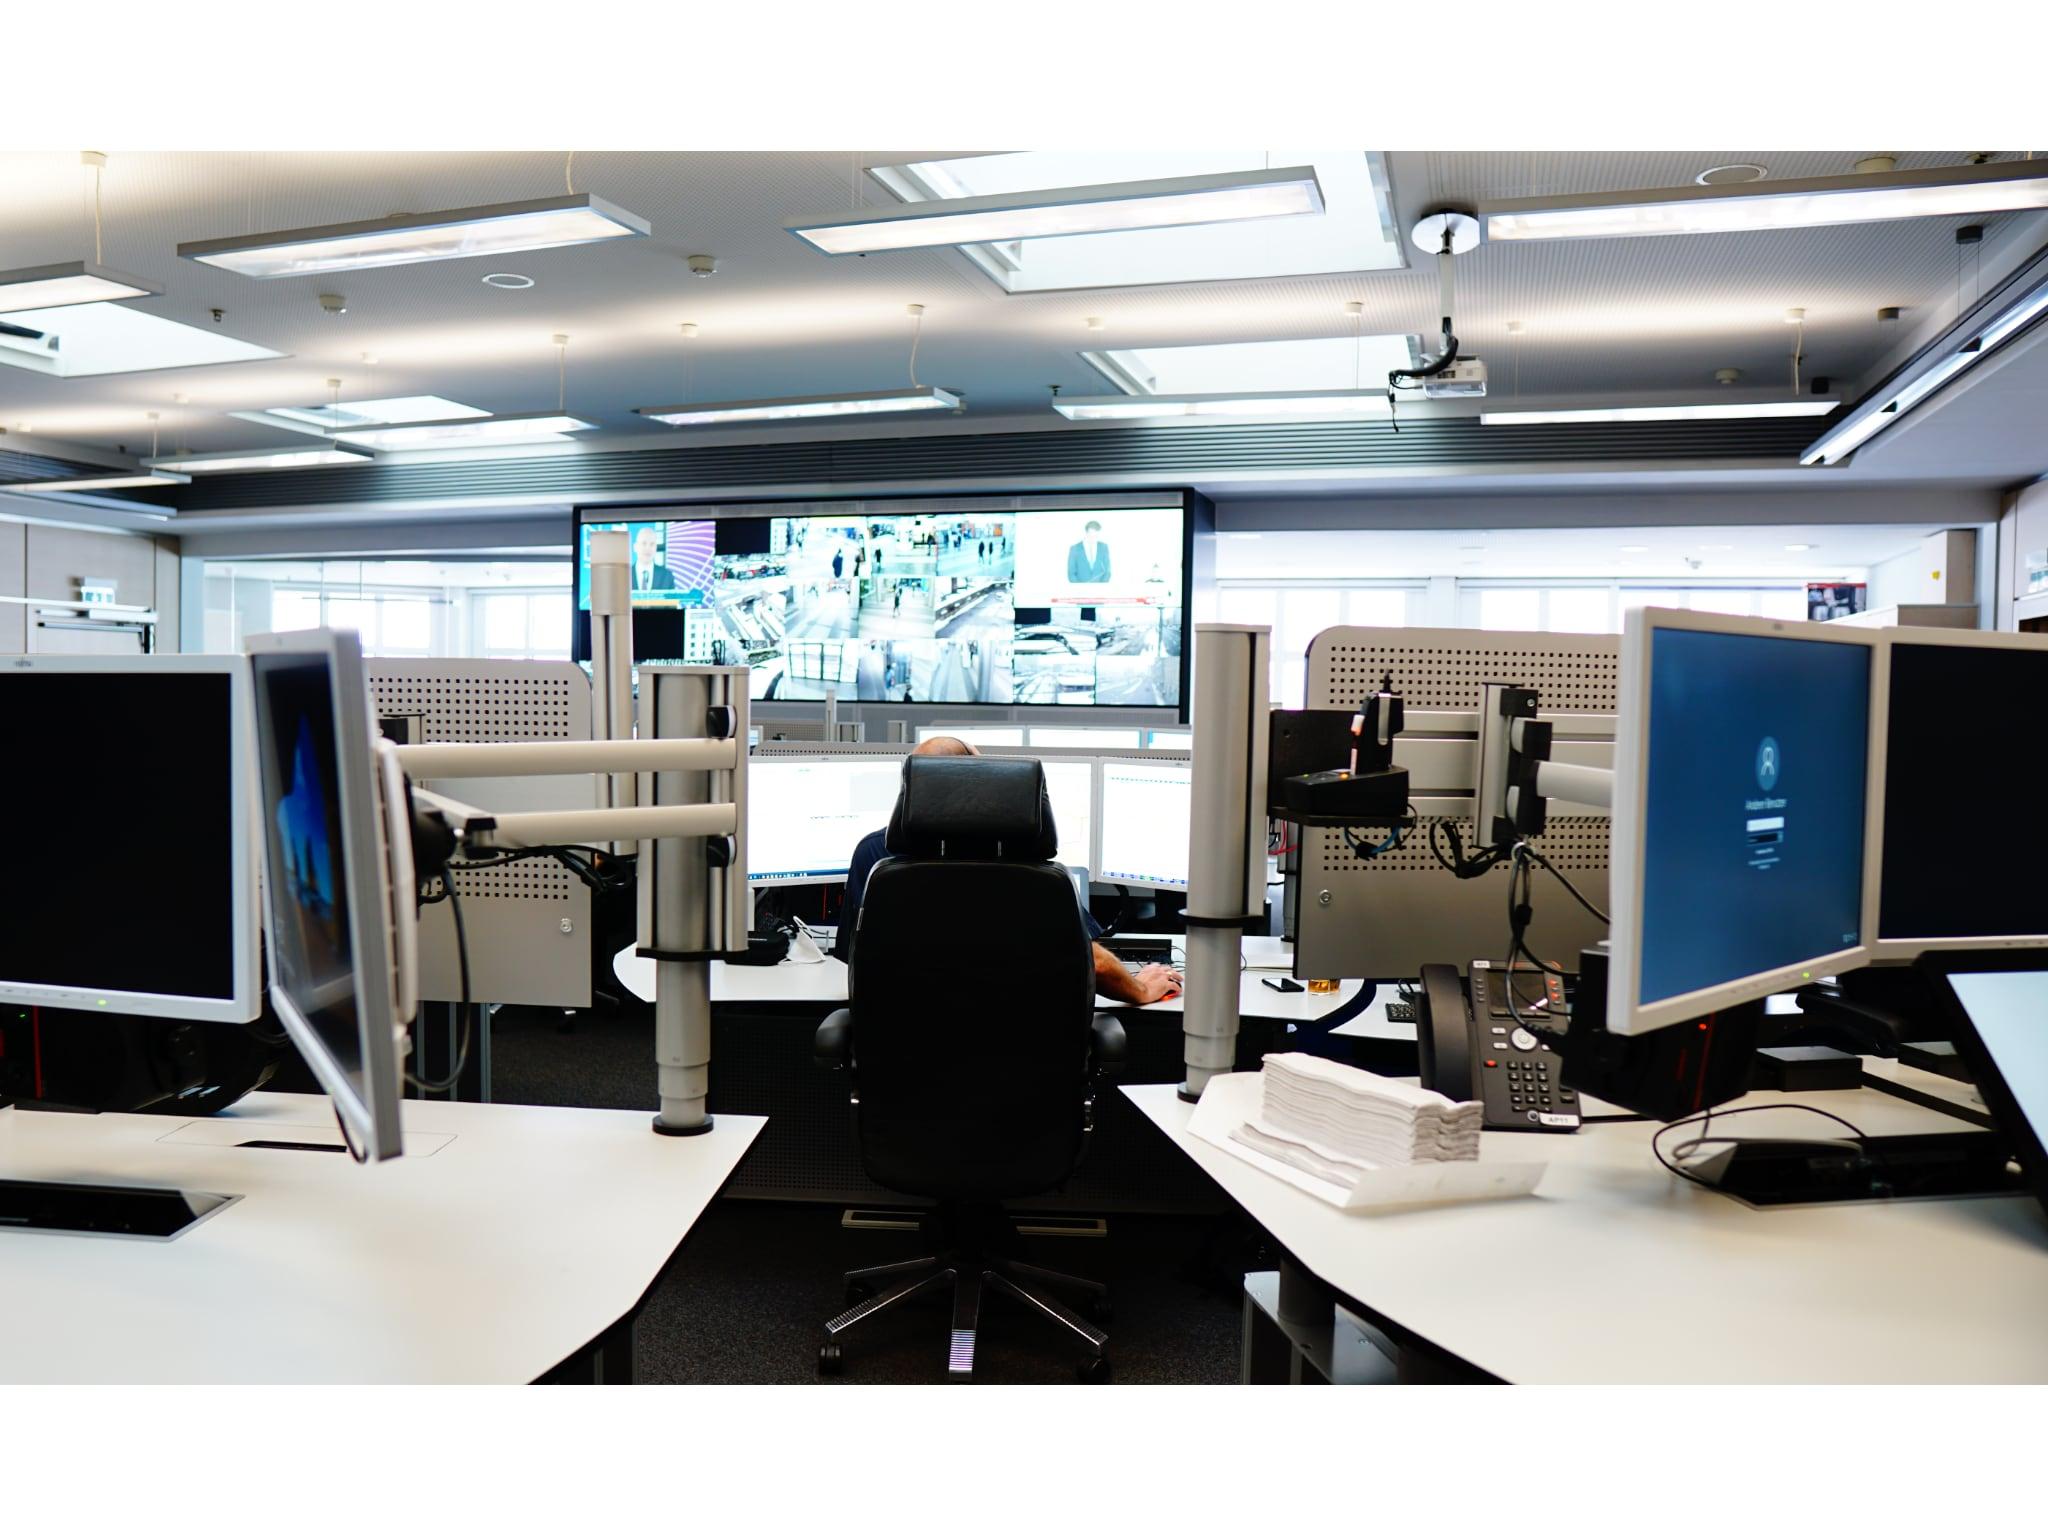 Umfangreiche Technik prägt das Arbeitsumfeld in der Einsatzzentrale. Foto: Polizei Mittelfranken